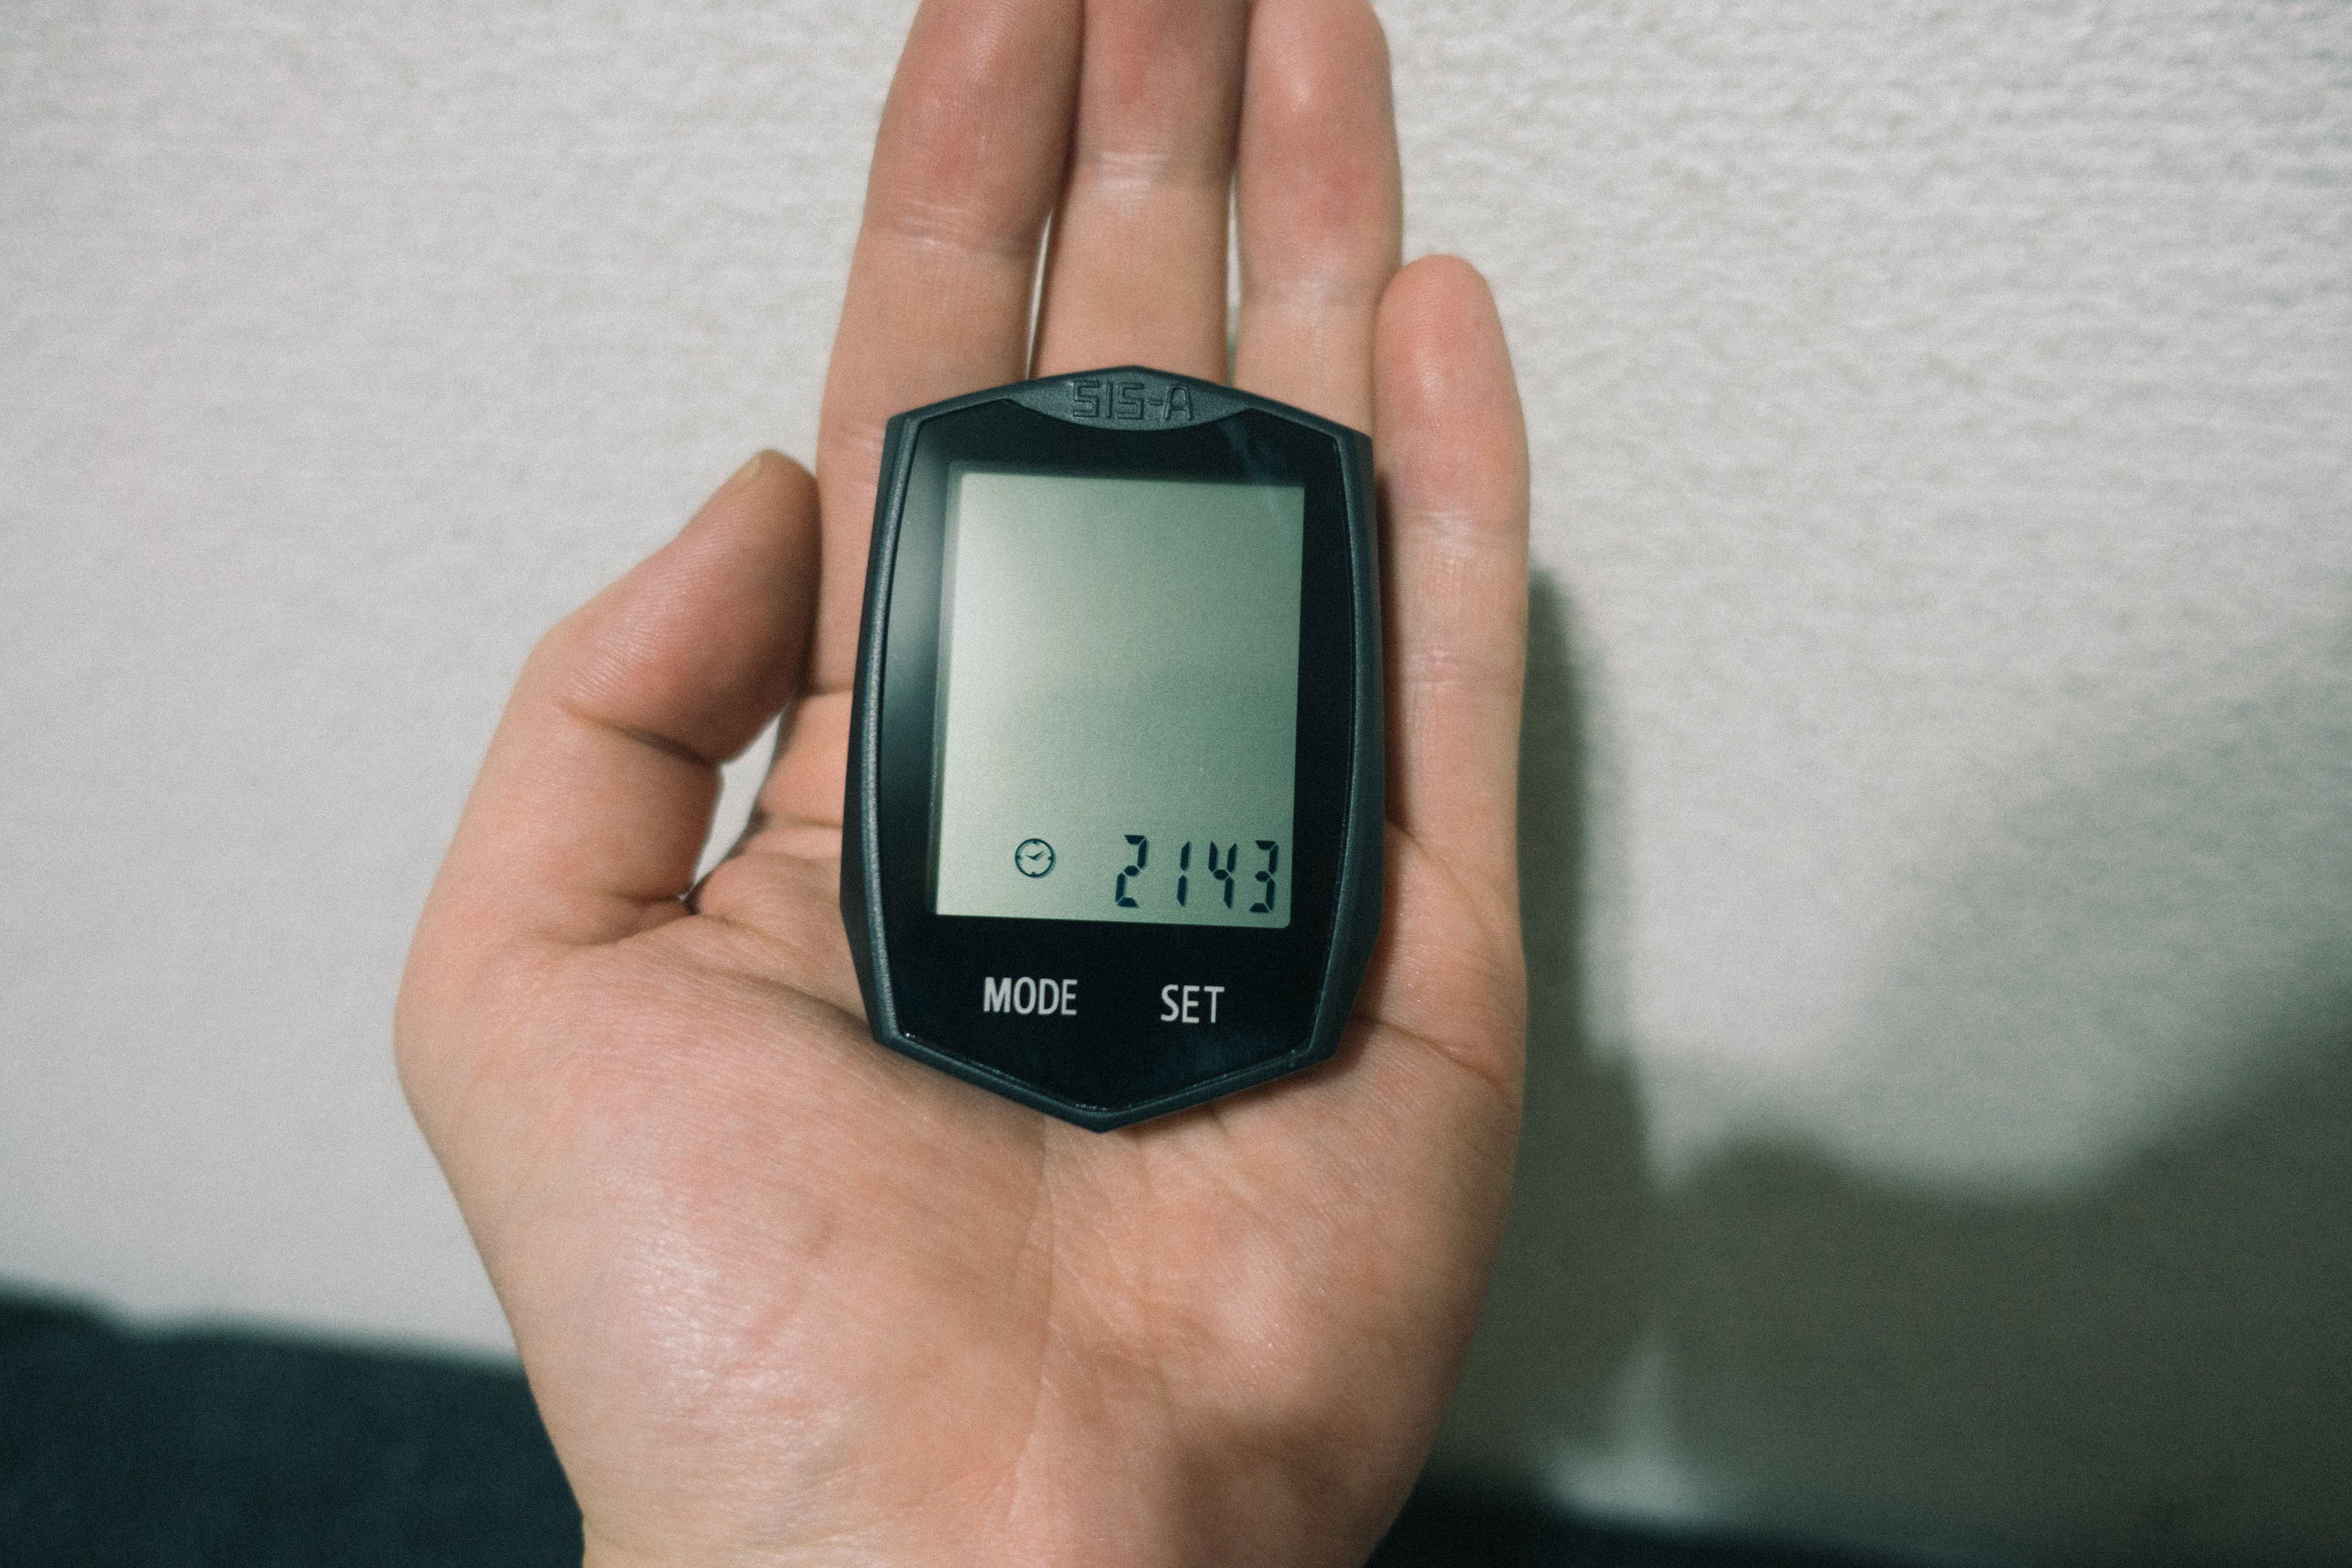 BIGOのサイコンと手の比較